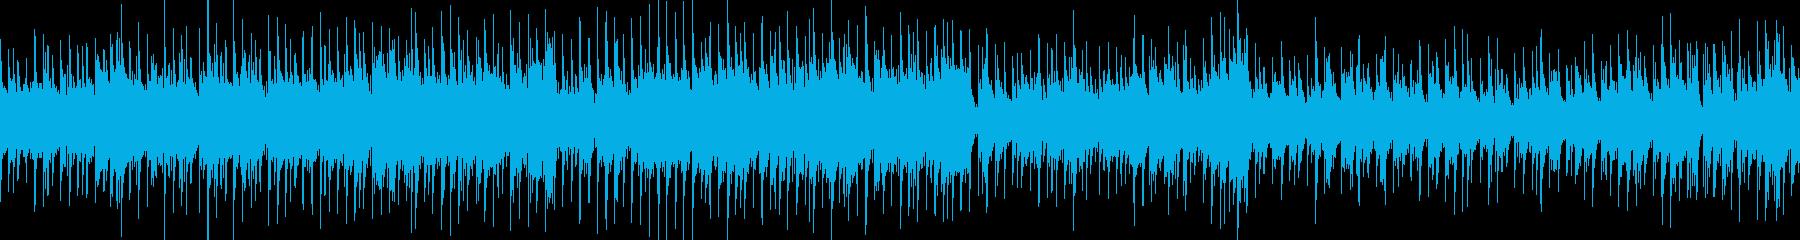 結婚式の映像用バラード2 (ループ仕様)の再生済みの波形